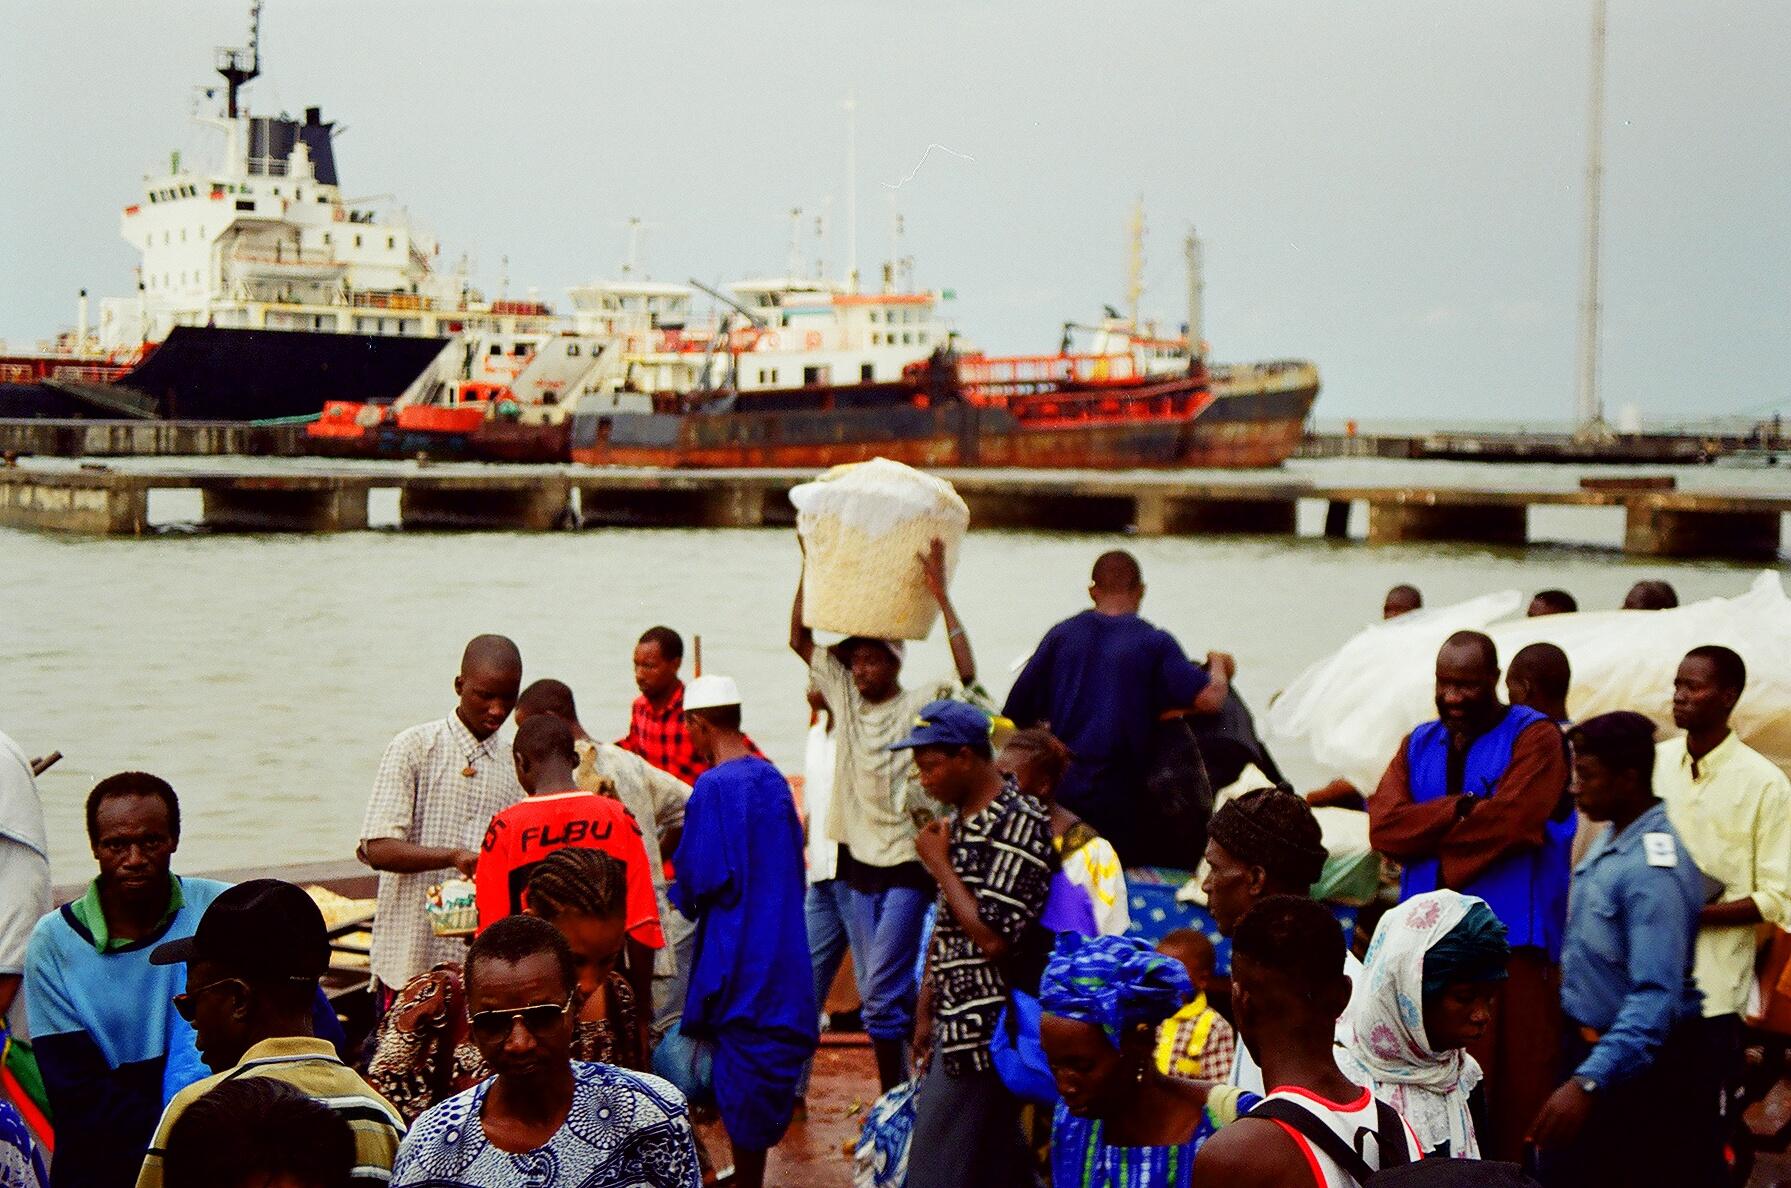 Olga Pietkiewicz / W porcie, załadunek na prom na rzece Gambia. To tu podchodzi do Nahil. Proponuje, że się nami zaopiekuje.